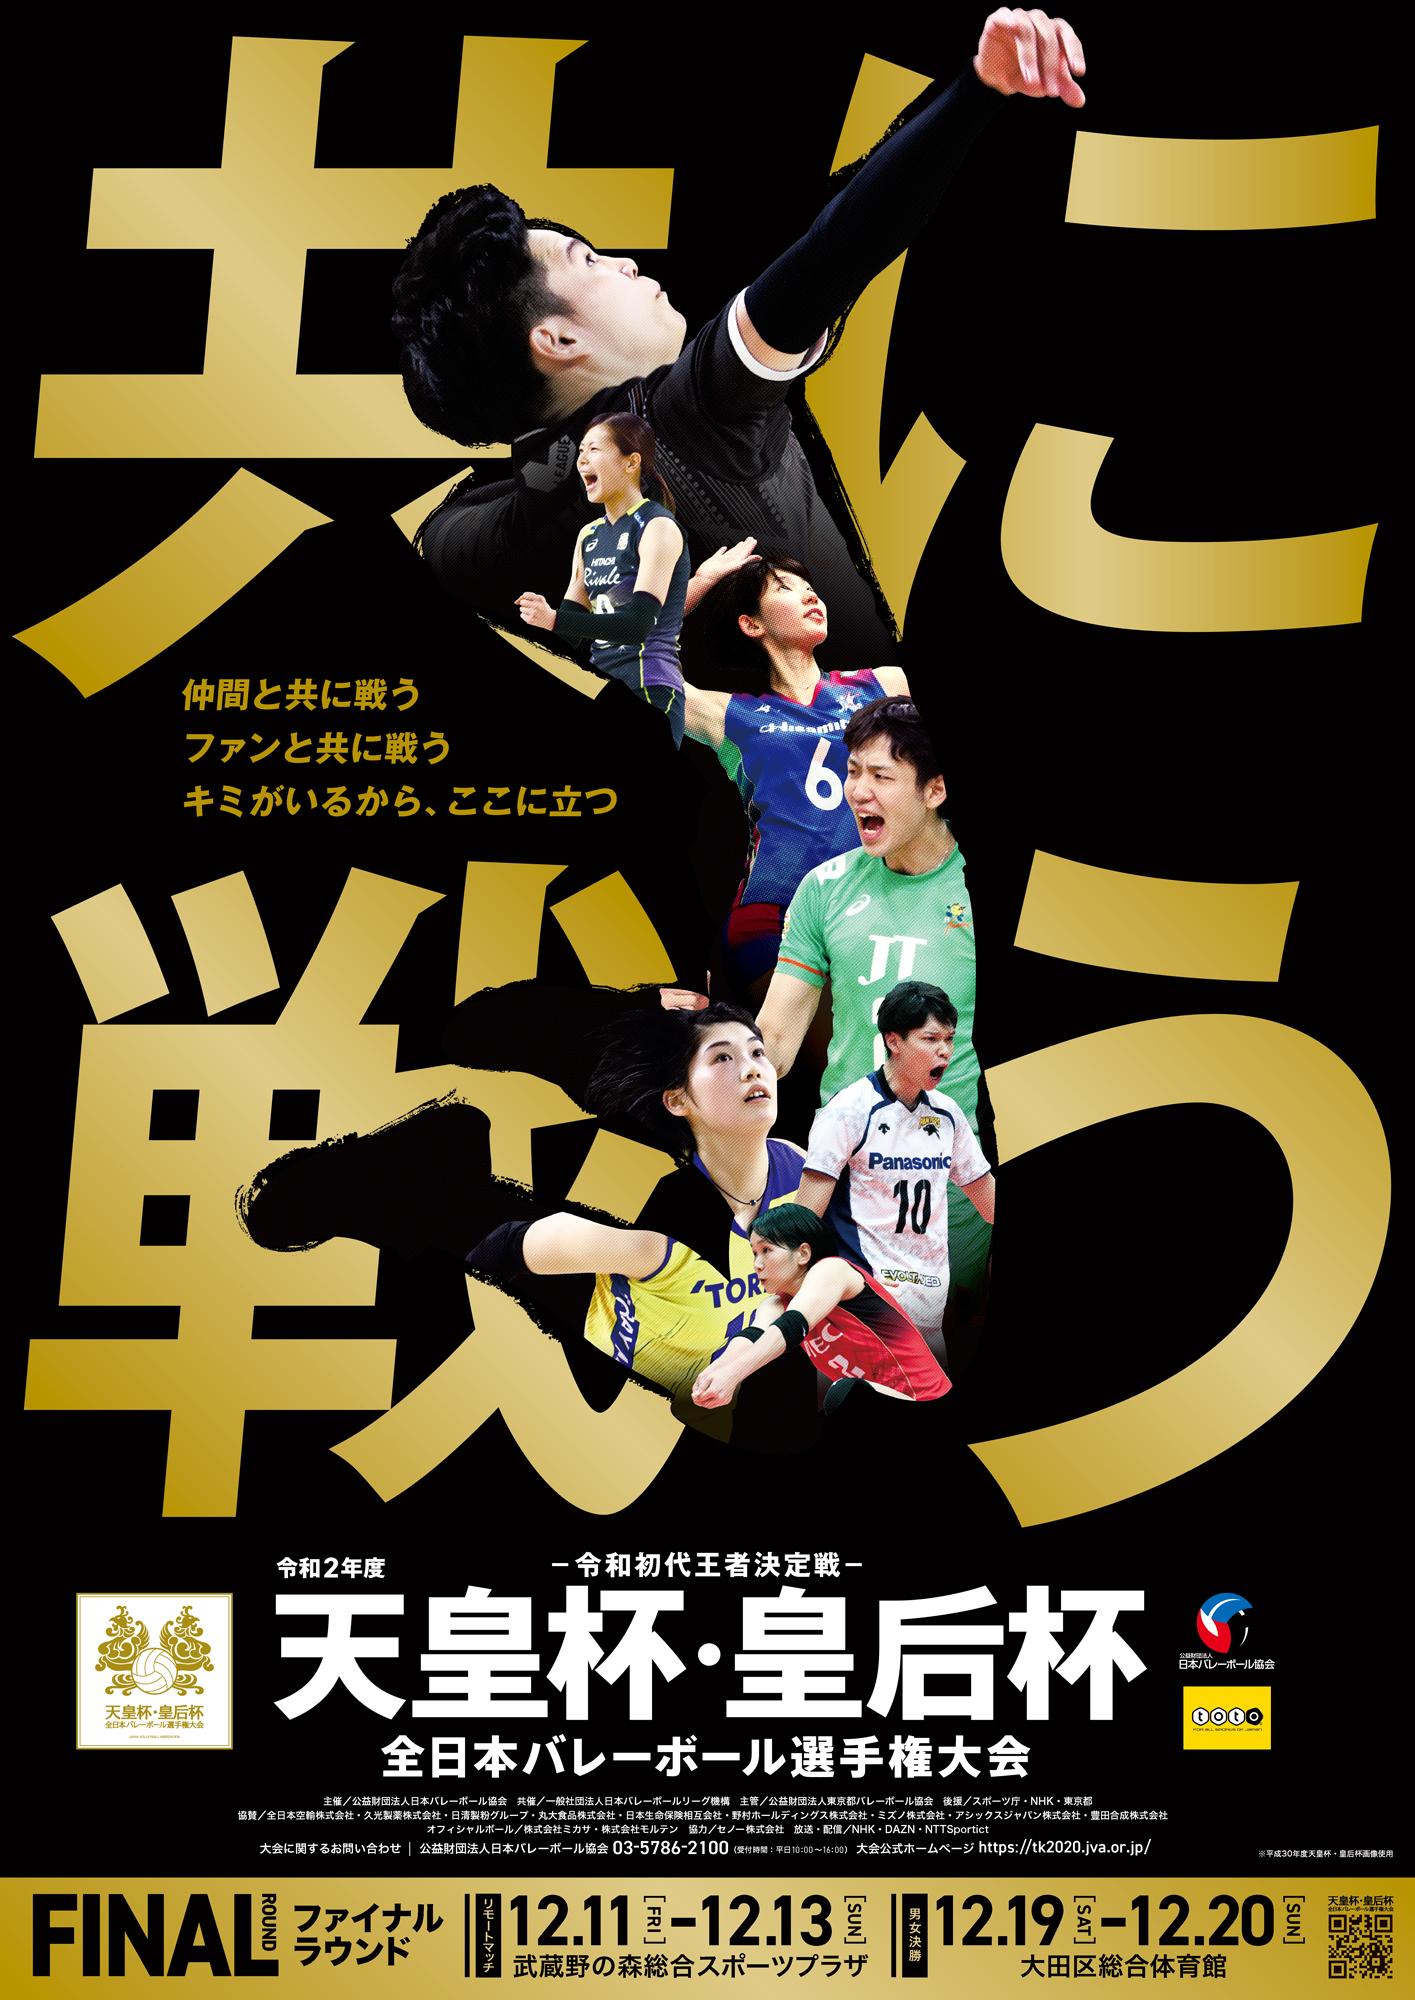 『令和2年度 天皇杯・皇后杯 全日本バレーボール選手権大会』の女子決勝が12月19日(土)、男子決勝が20日(日)に行われる